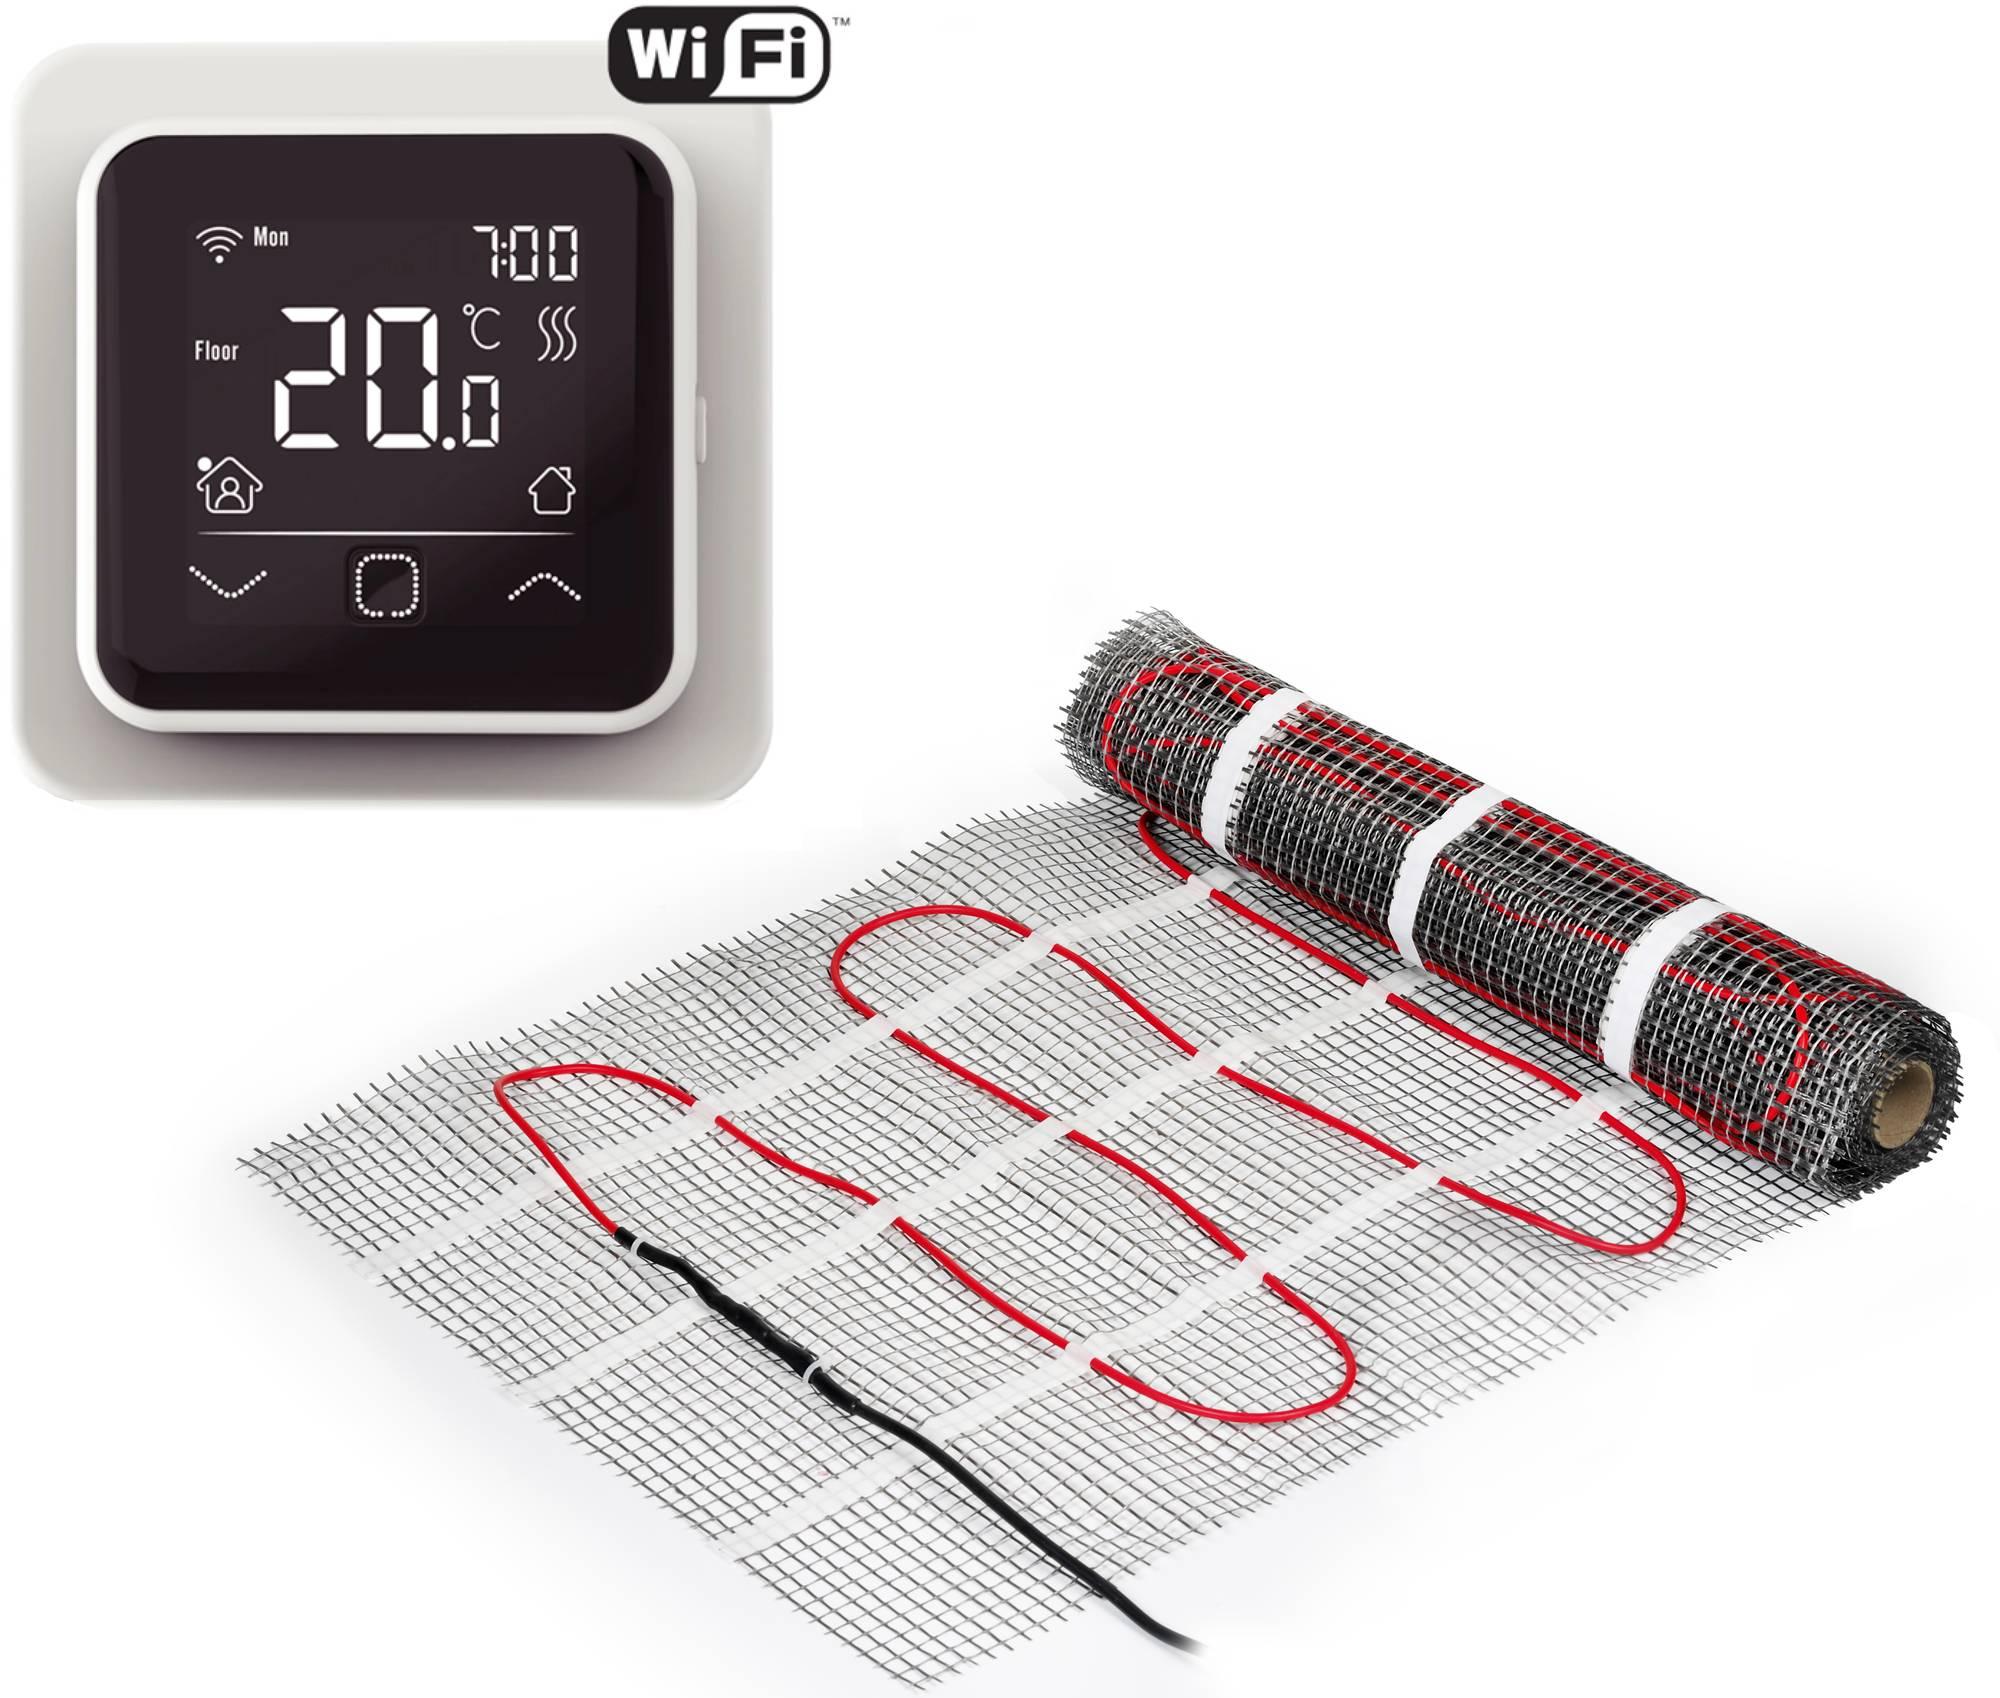 Ben Comforta Vloerverwarming 1,5 m² met WIFI Klokthermostaat Wit